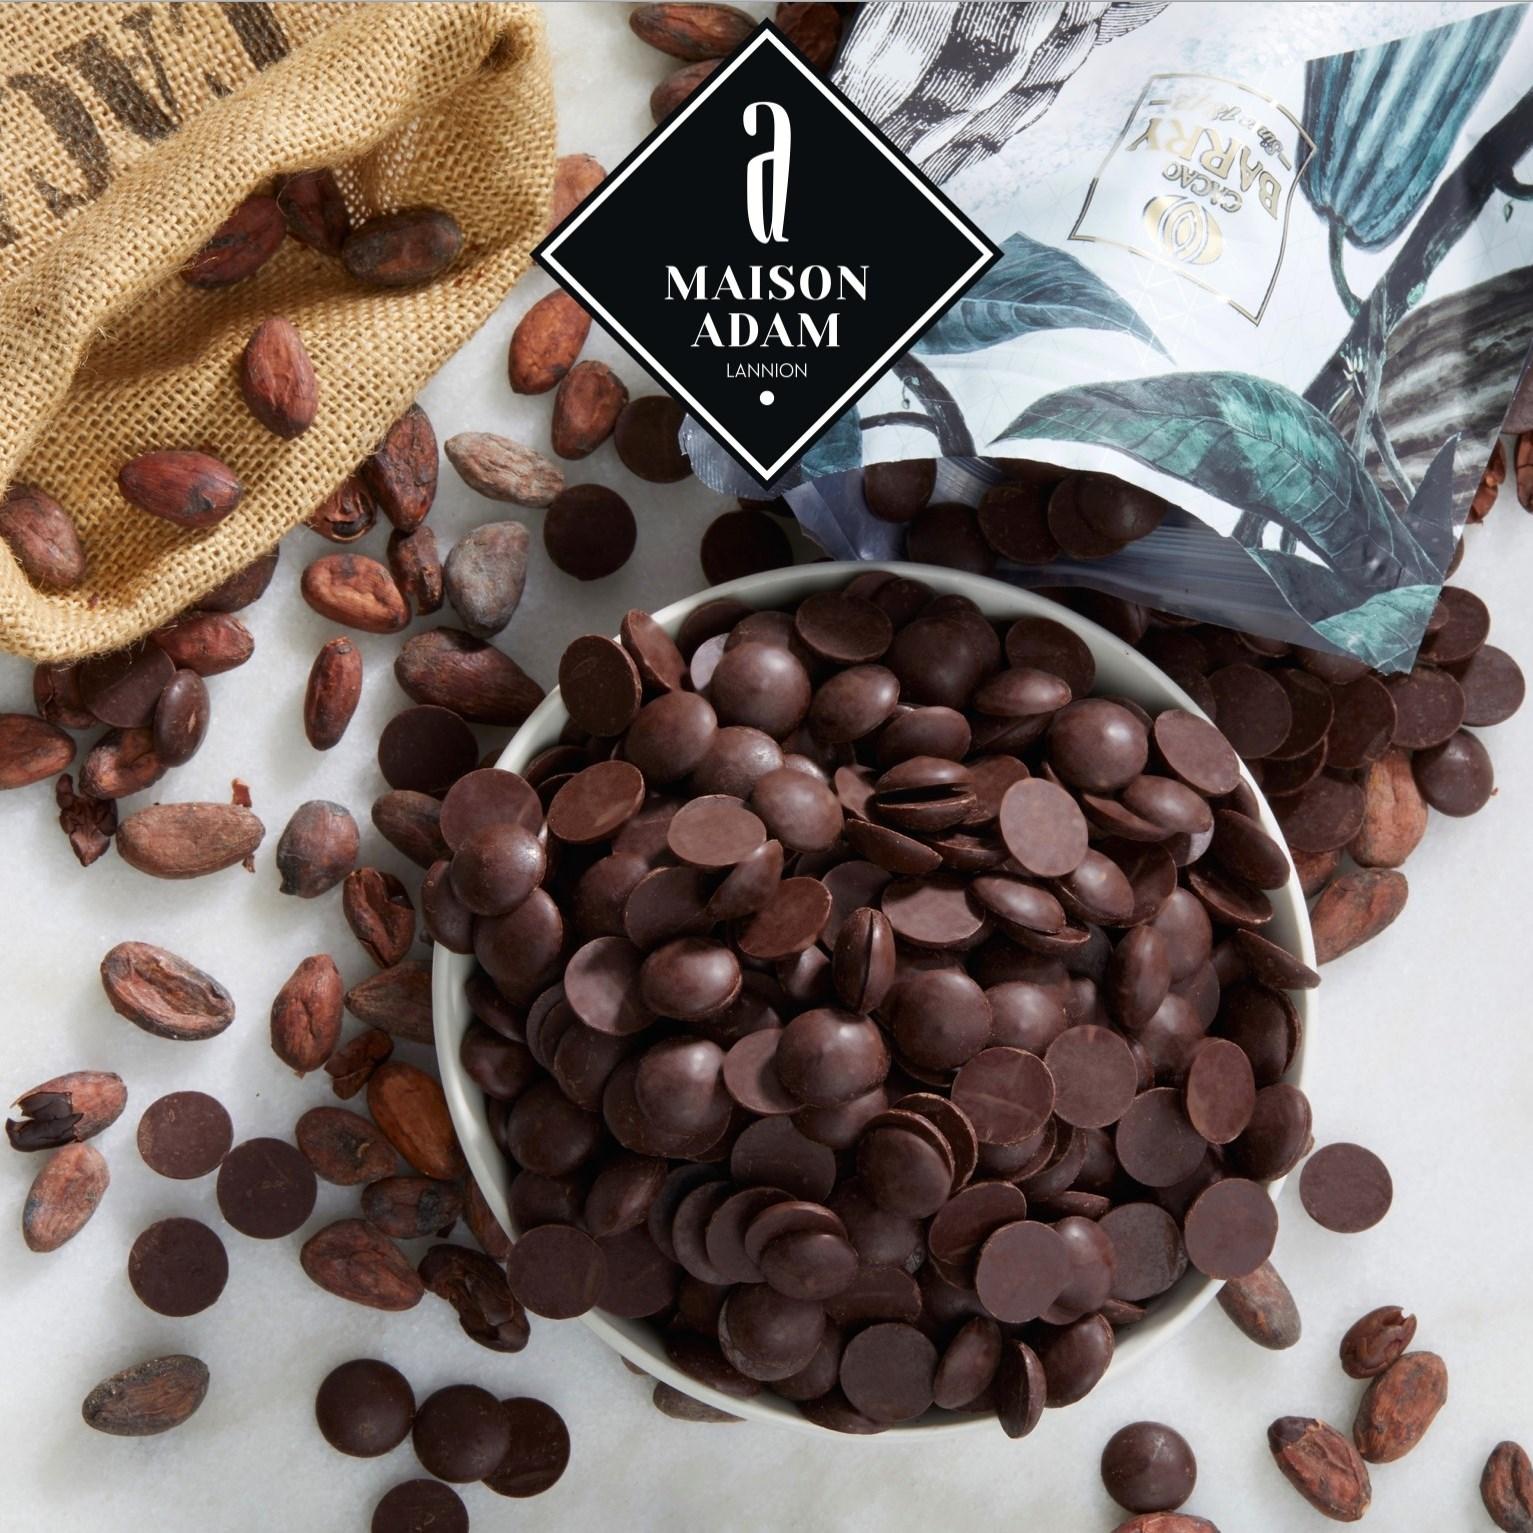 Maison Adam Artisan Chocolatier - Promotions & Rabais pour Bonbonnières